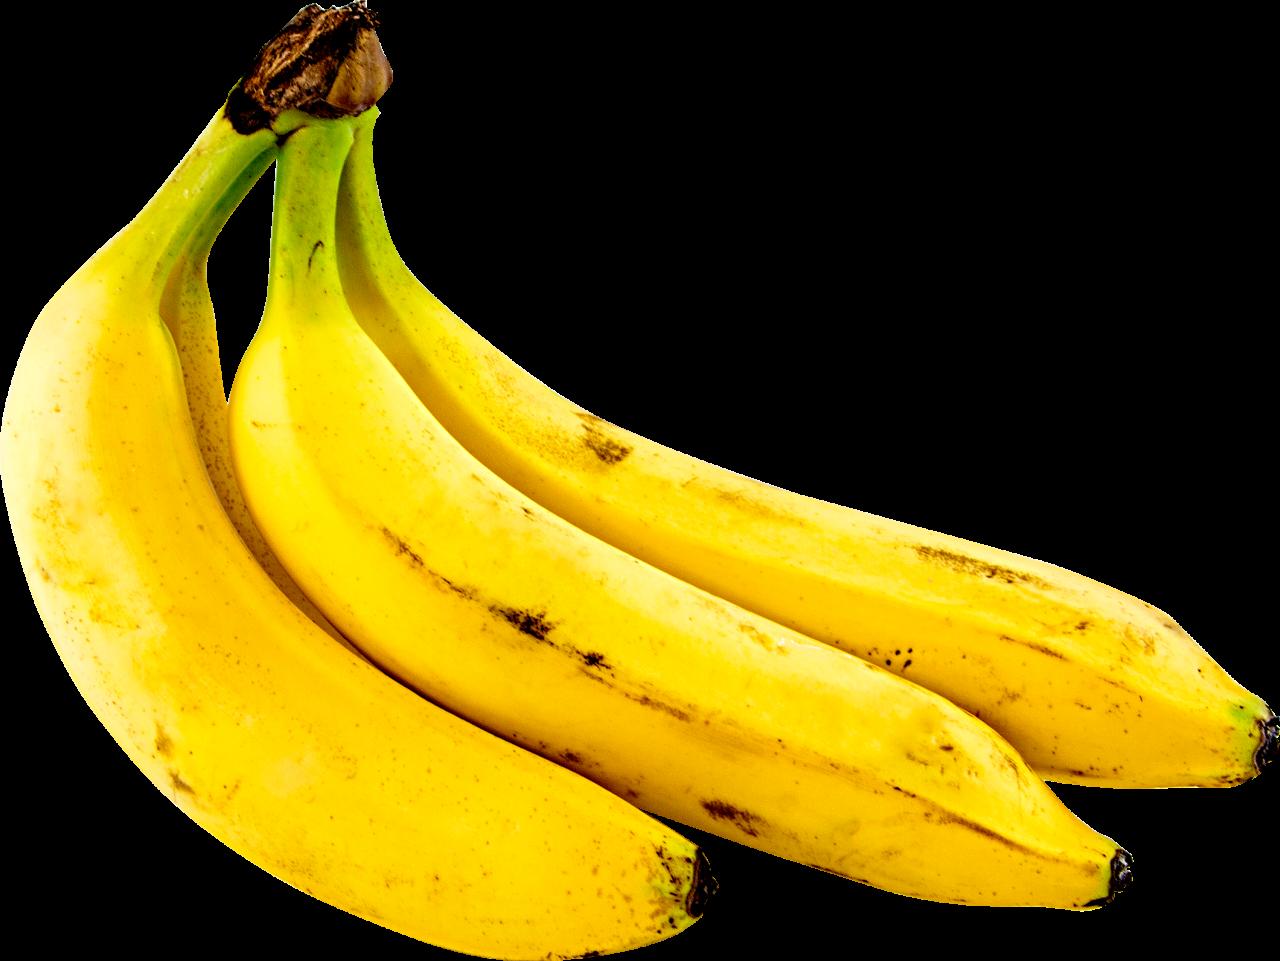 Three Bananas PNG Image